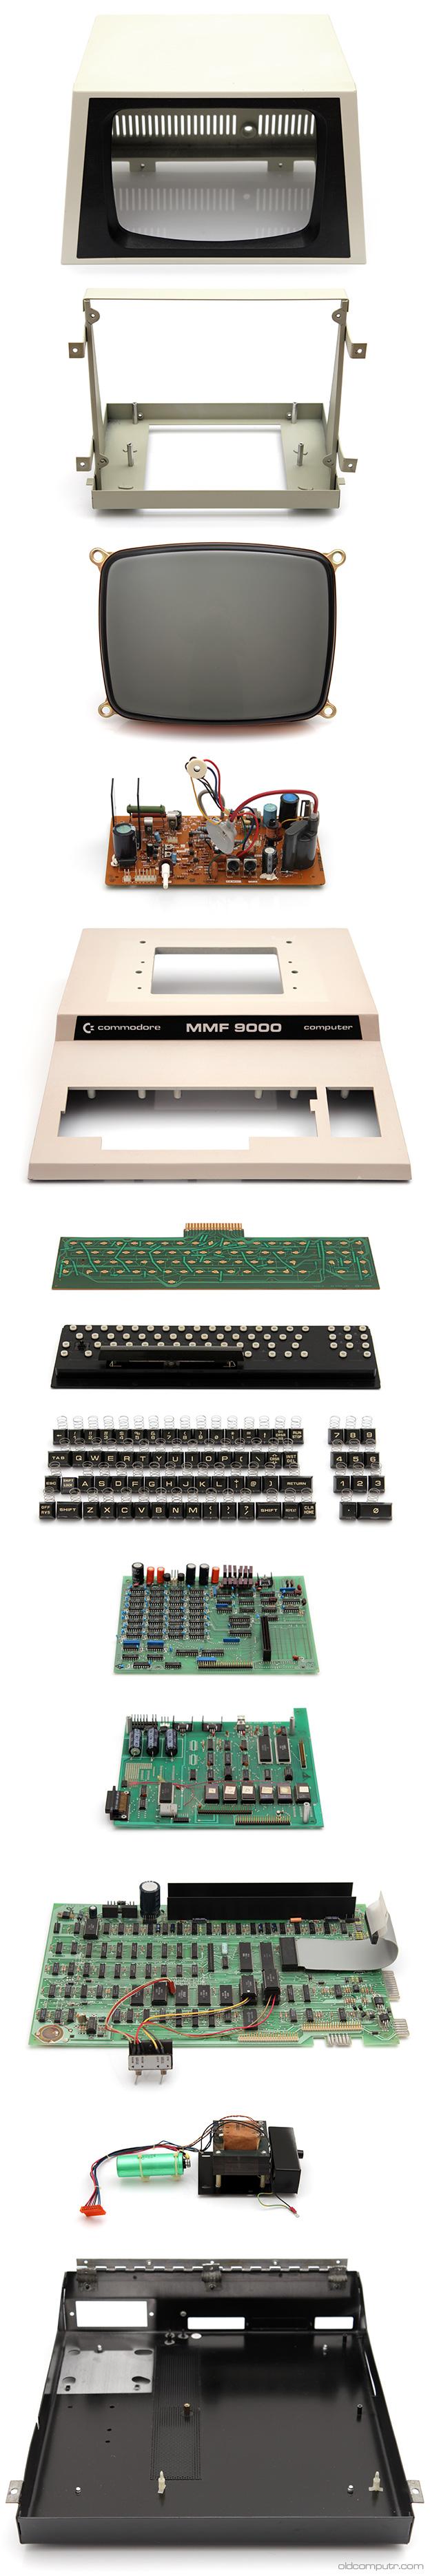 Commodore MMF9000 - parts